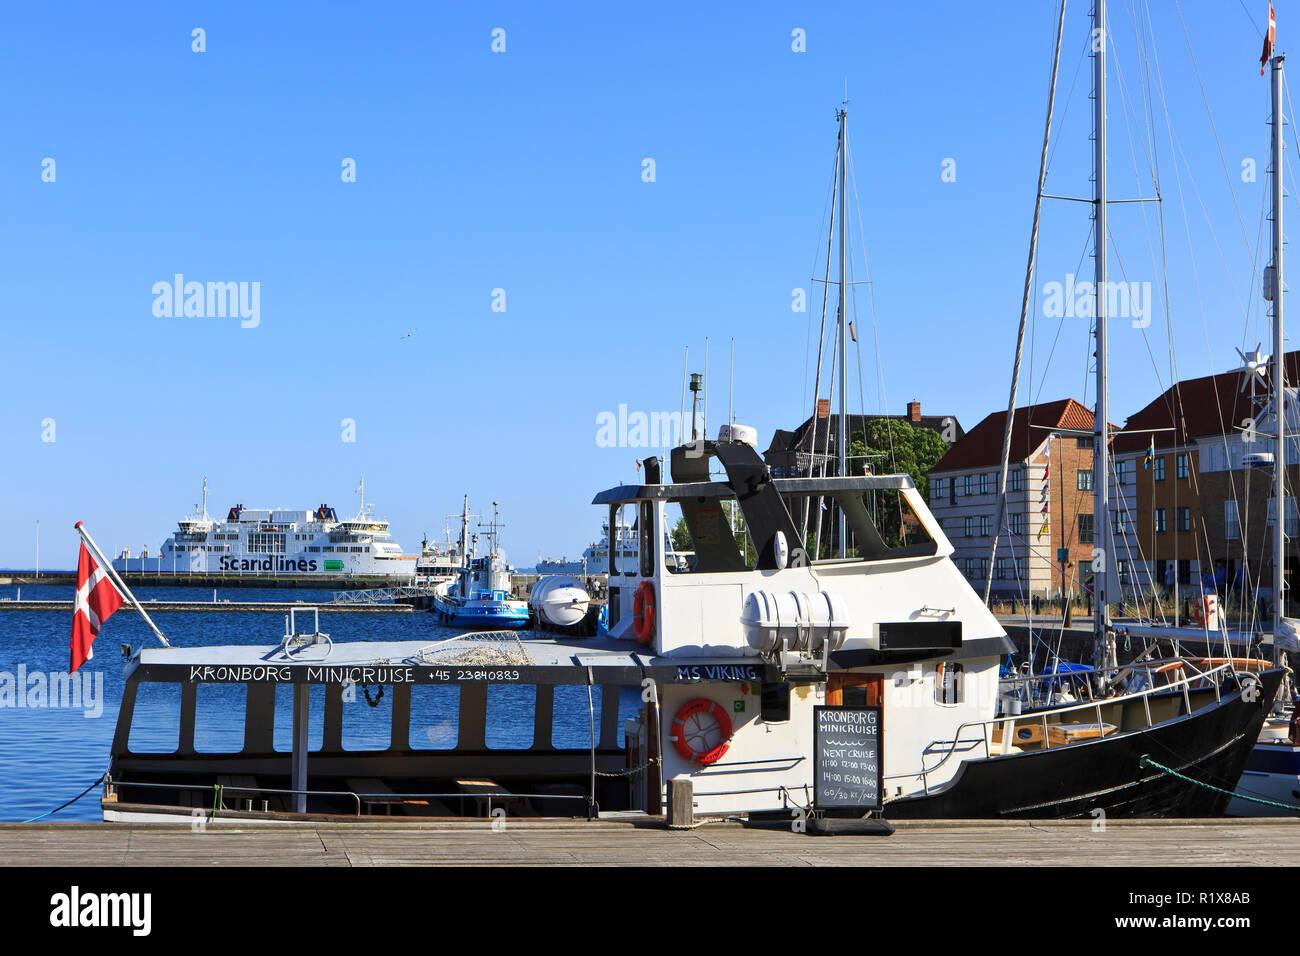 The MF Tycho Brahe ferry entering the port of Helsingor, Denmark - Stock Image